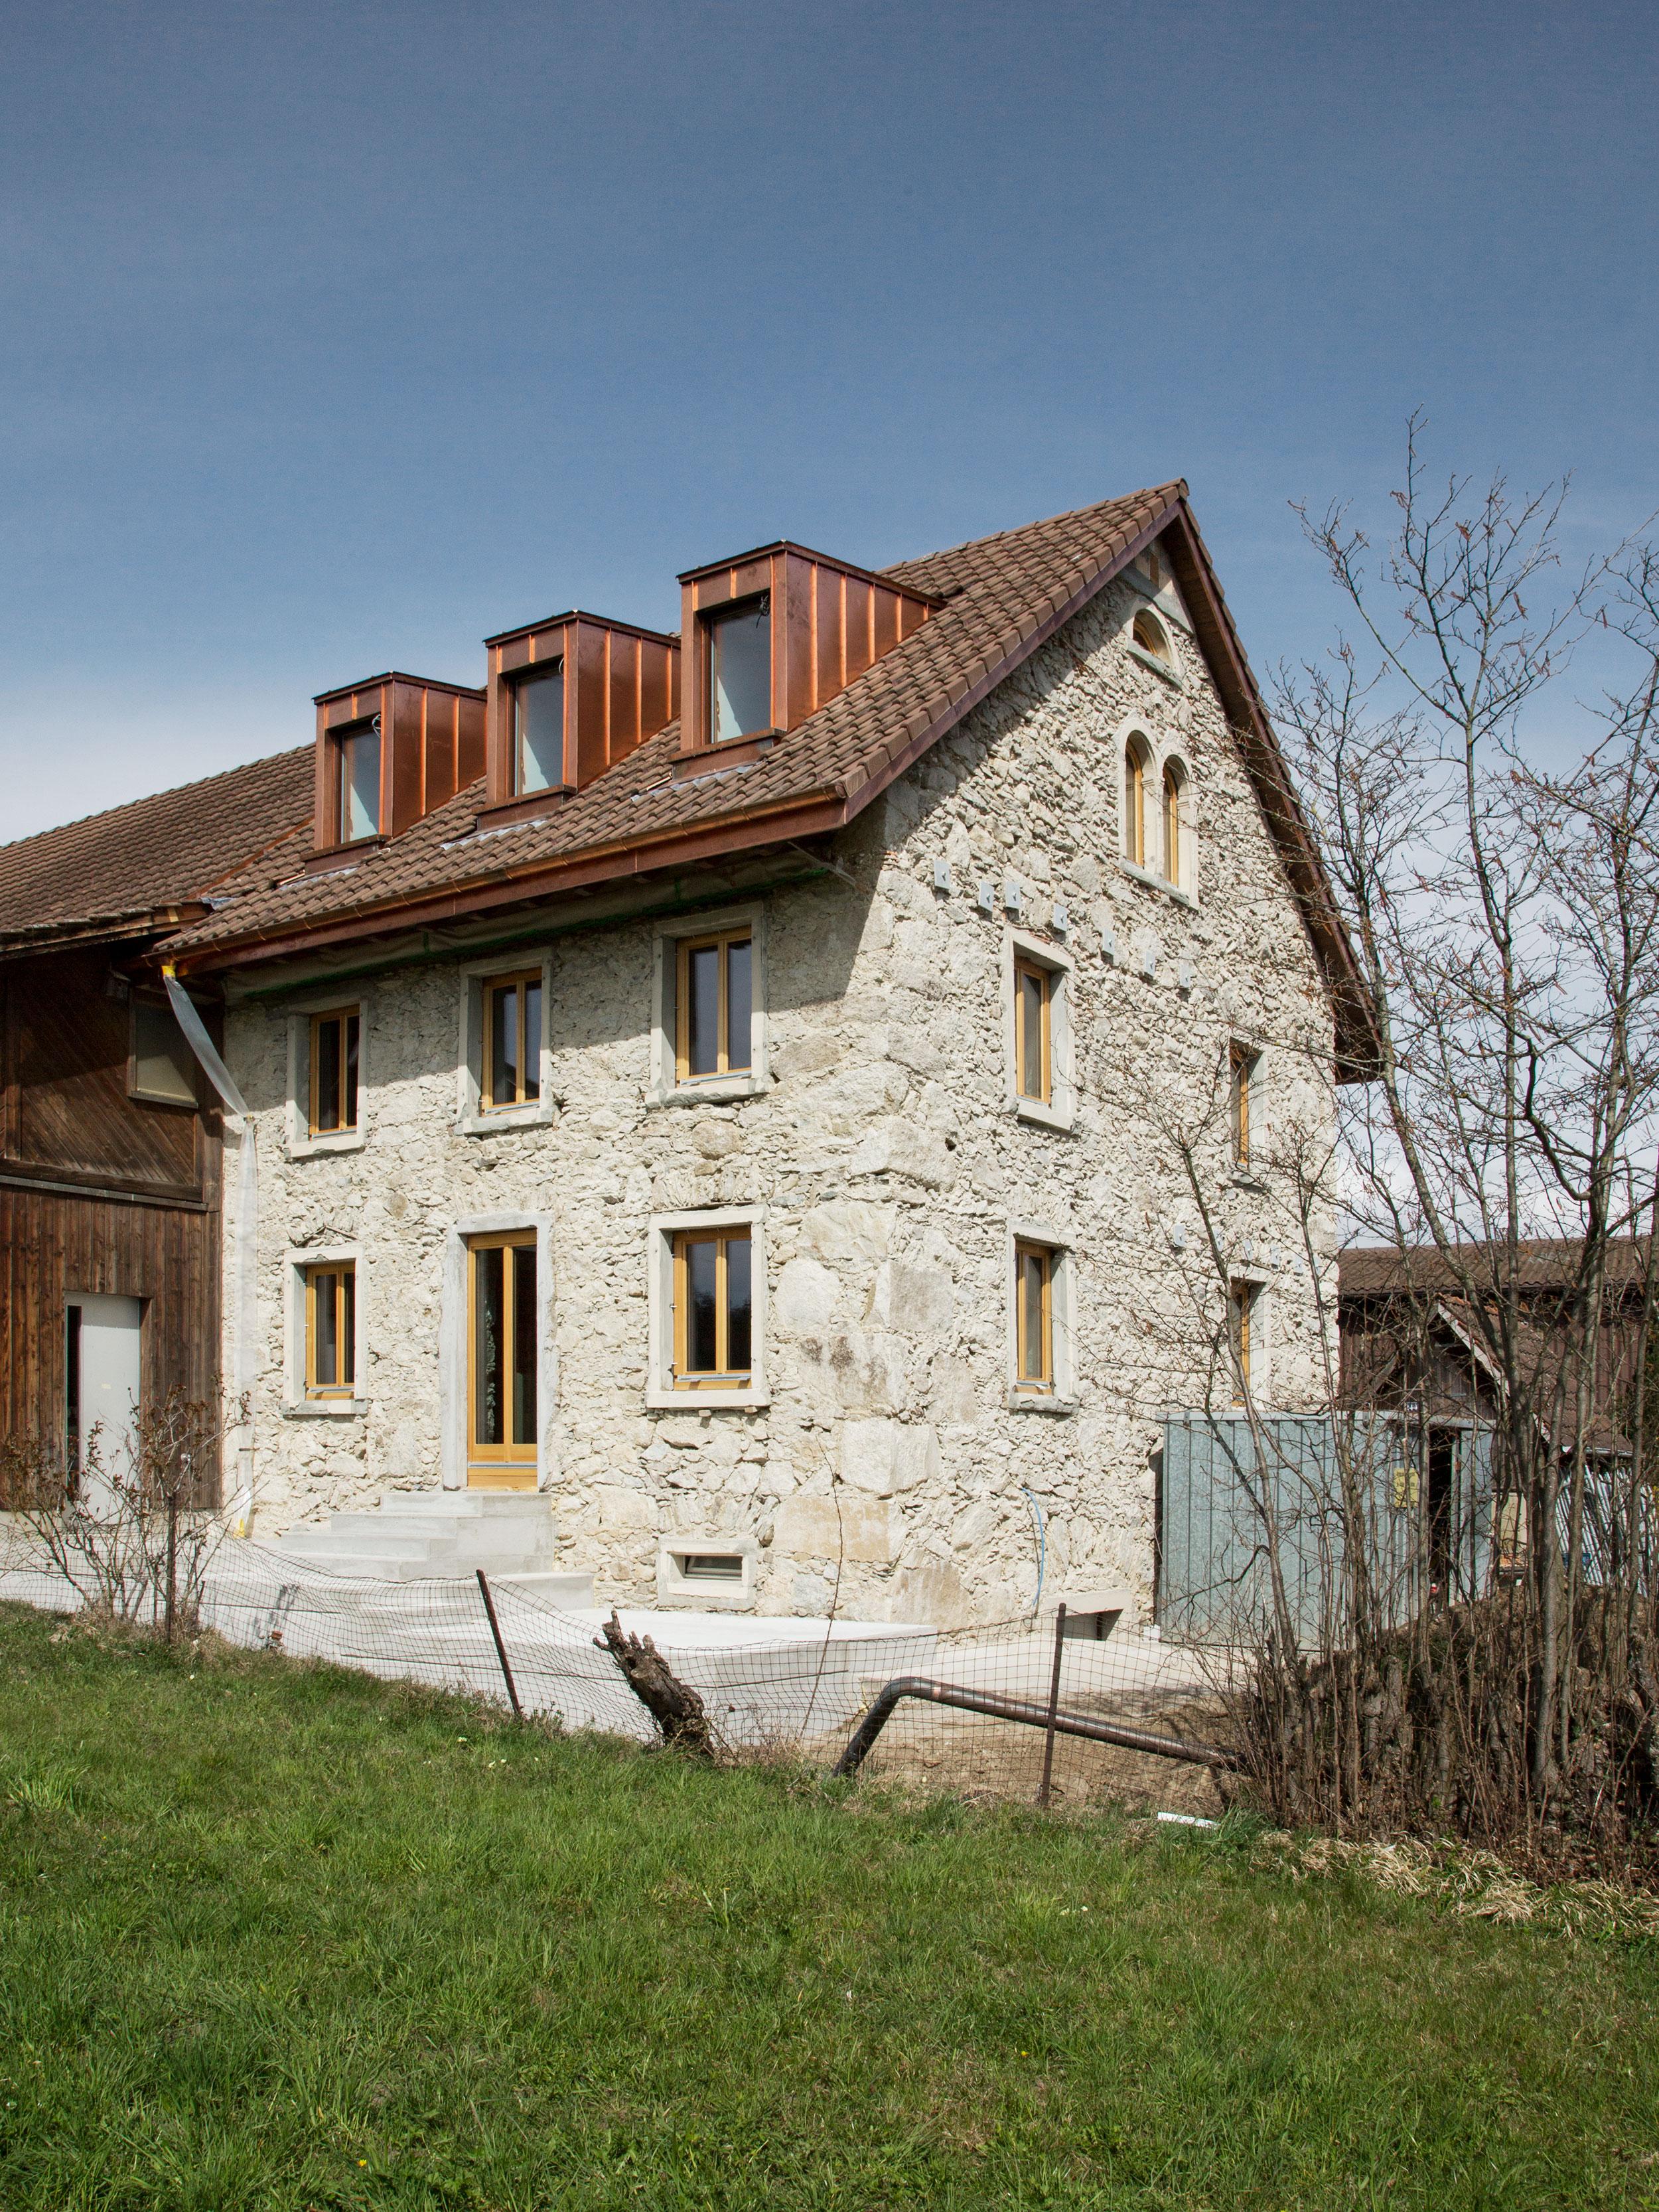 Baustellenbild der Fassade